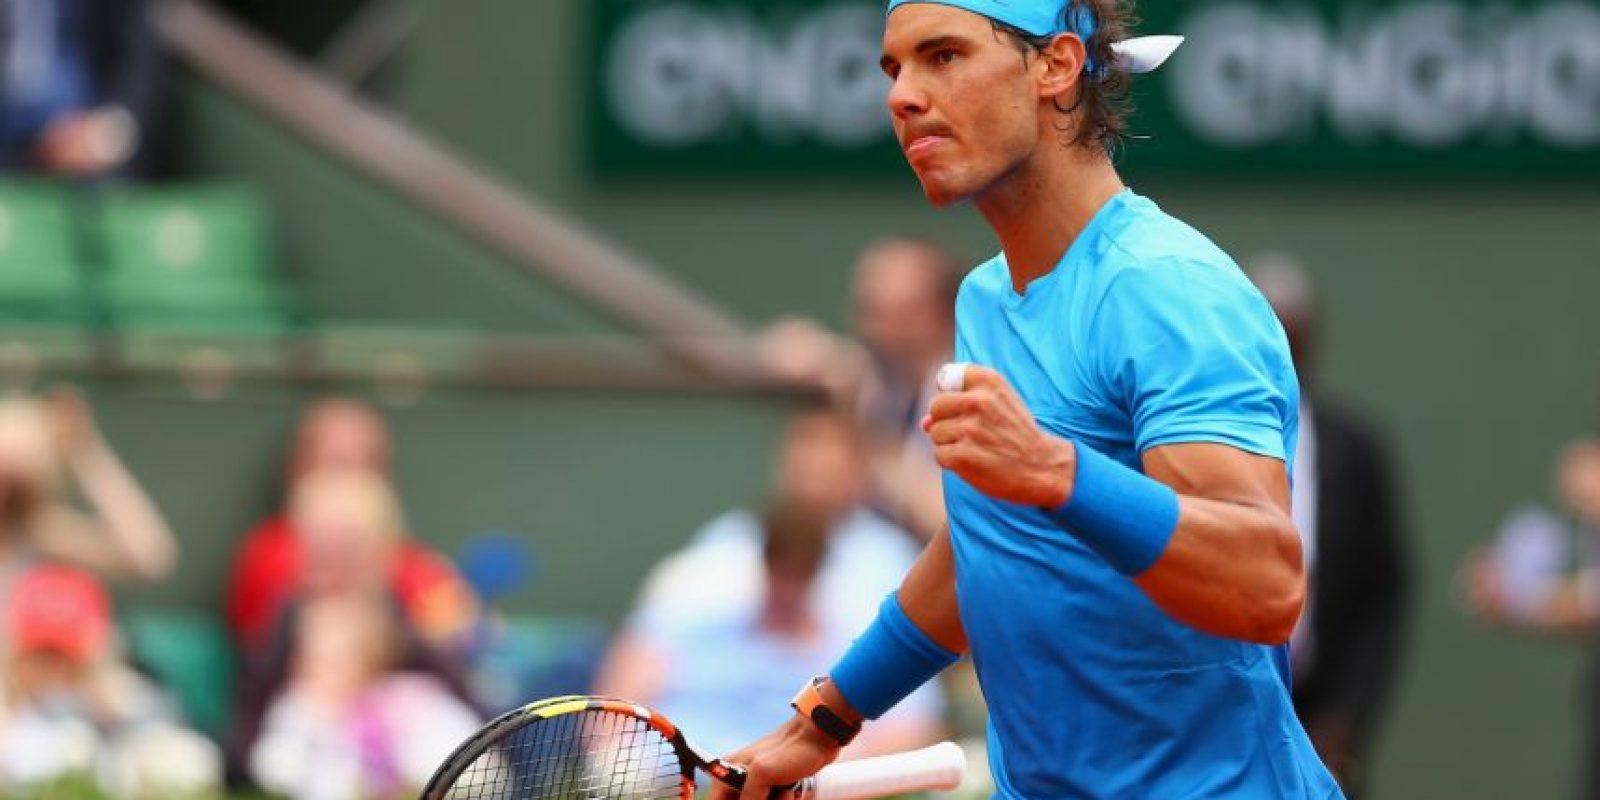 El español Rafael Nadal (6) derrotó al joven francés Quentin Halys por 6-3, 6-3, 6-4. Foto:Getty Images